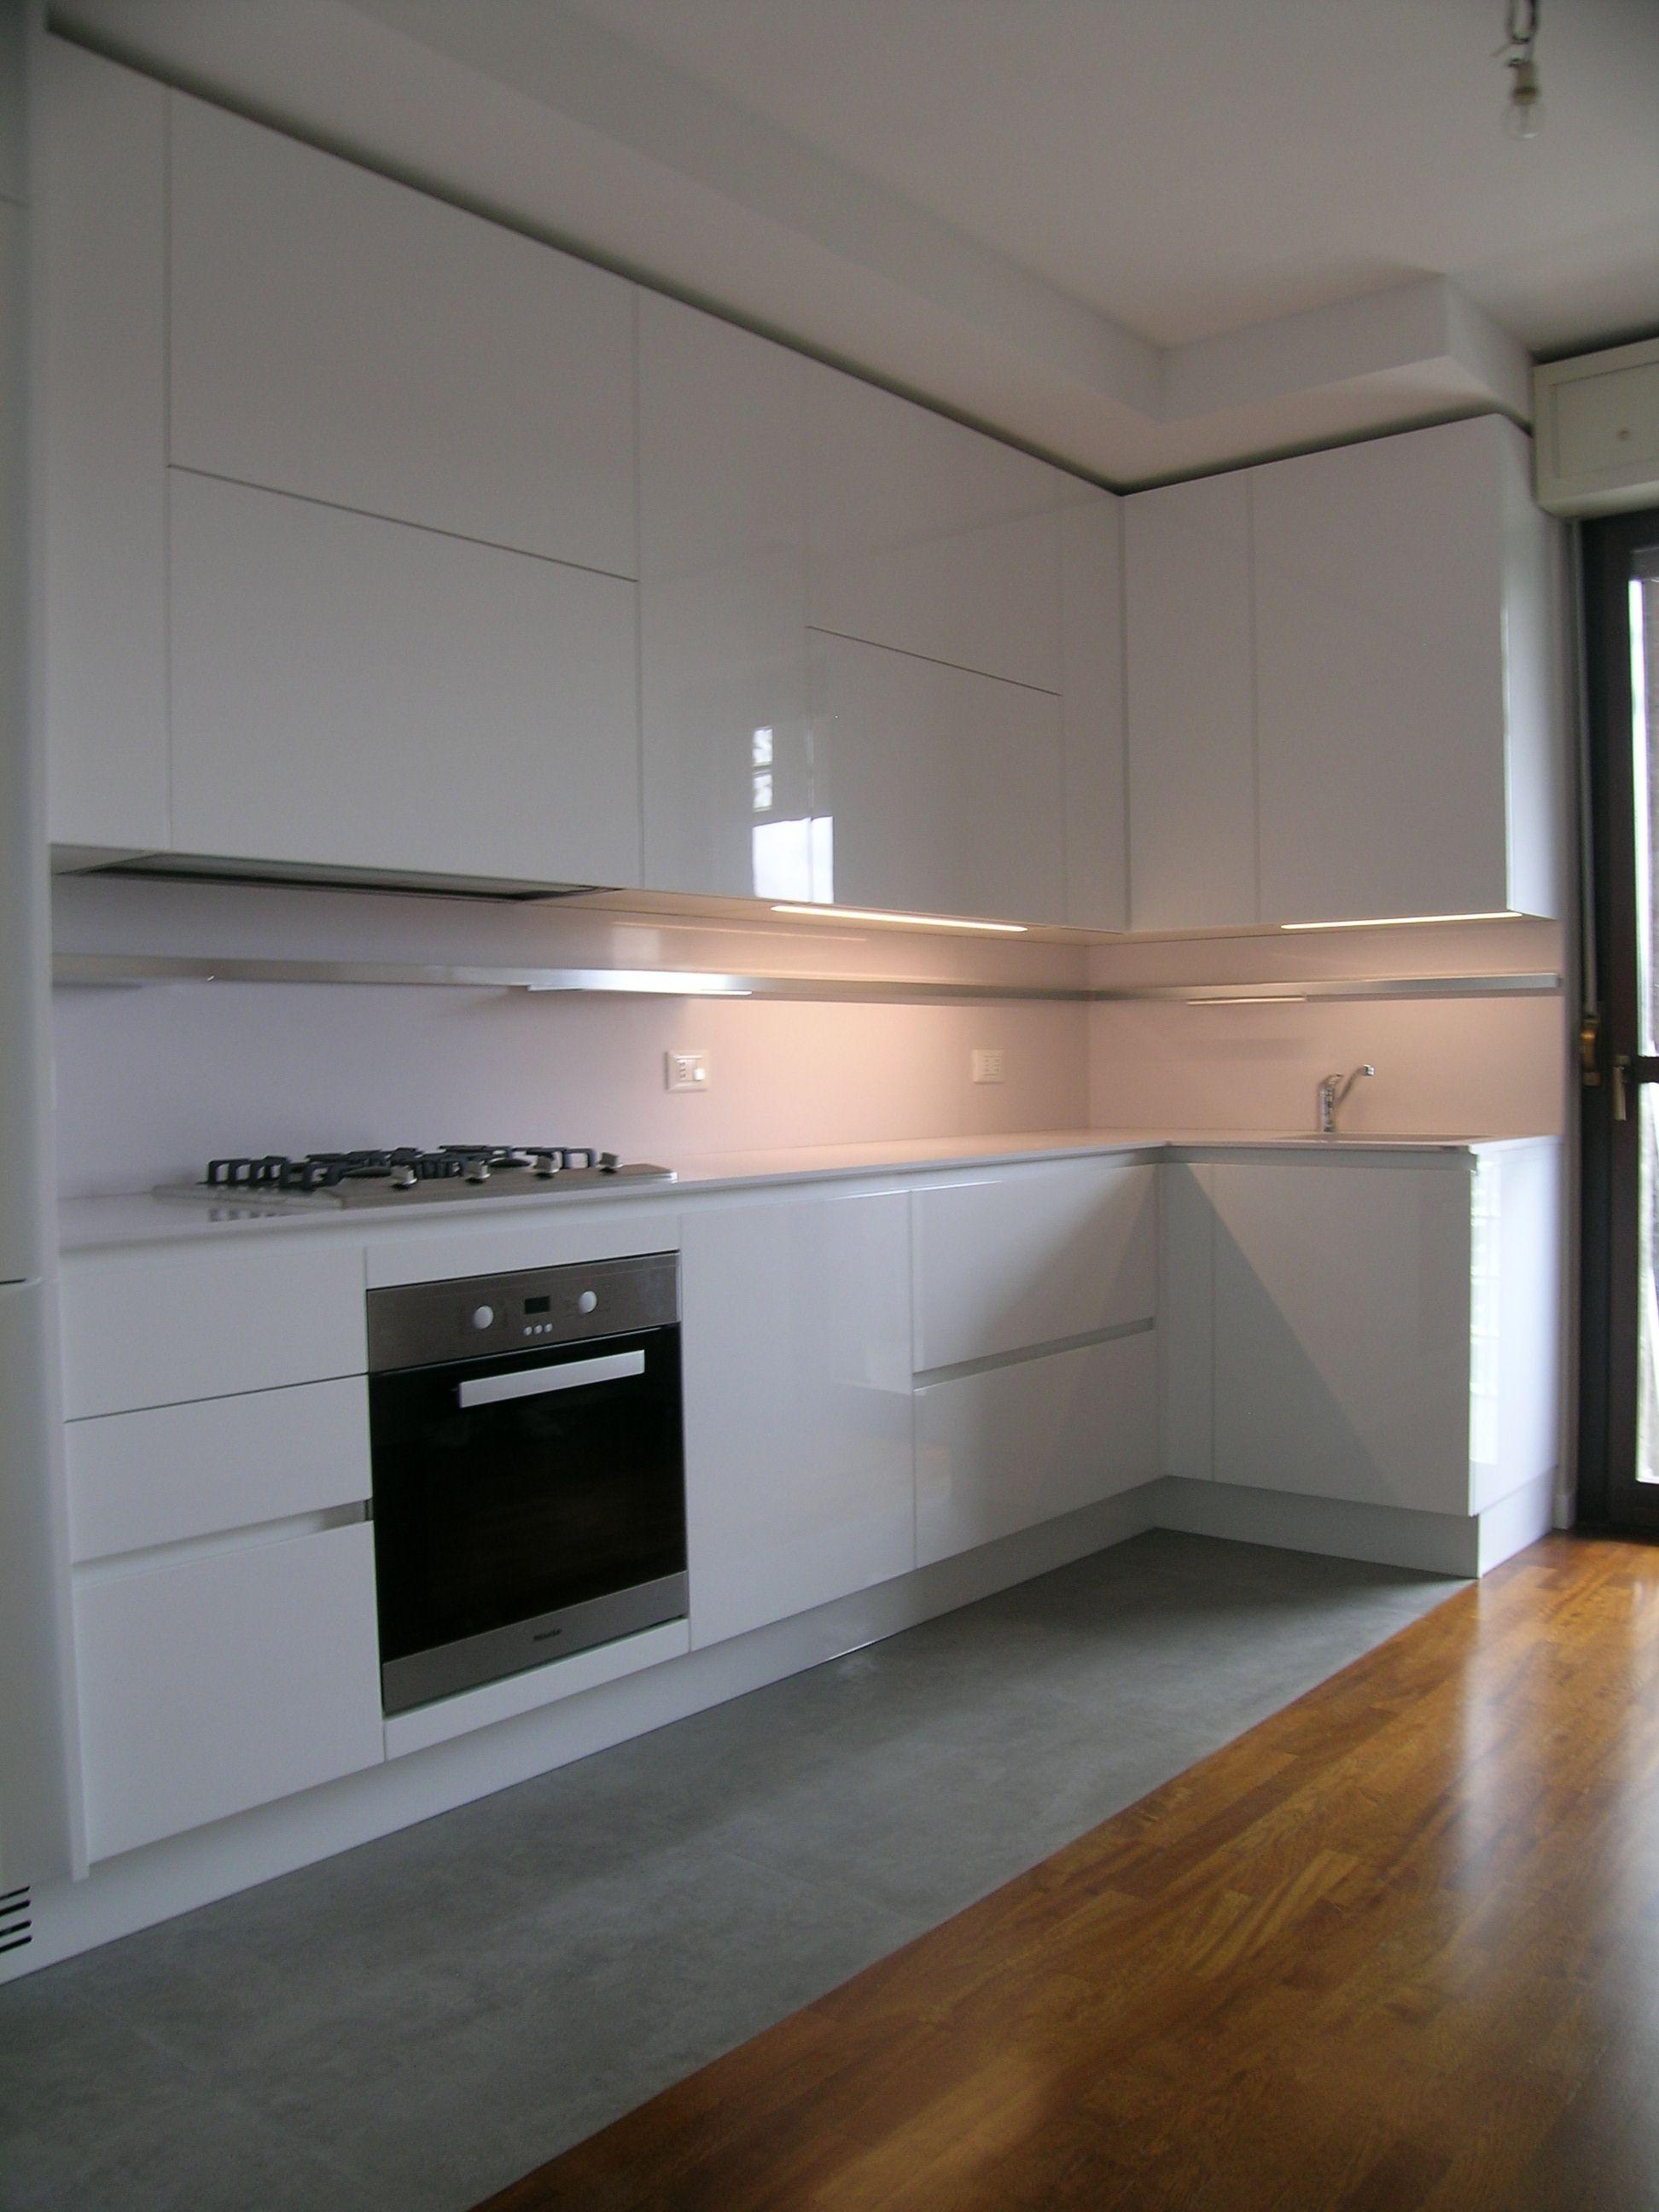 Cucina emetrica ernestomeda a monza laccato total white for Case bianche moderne